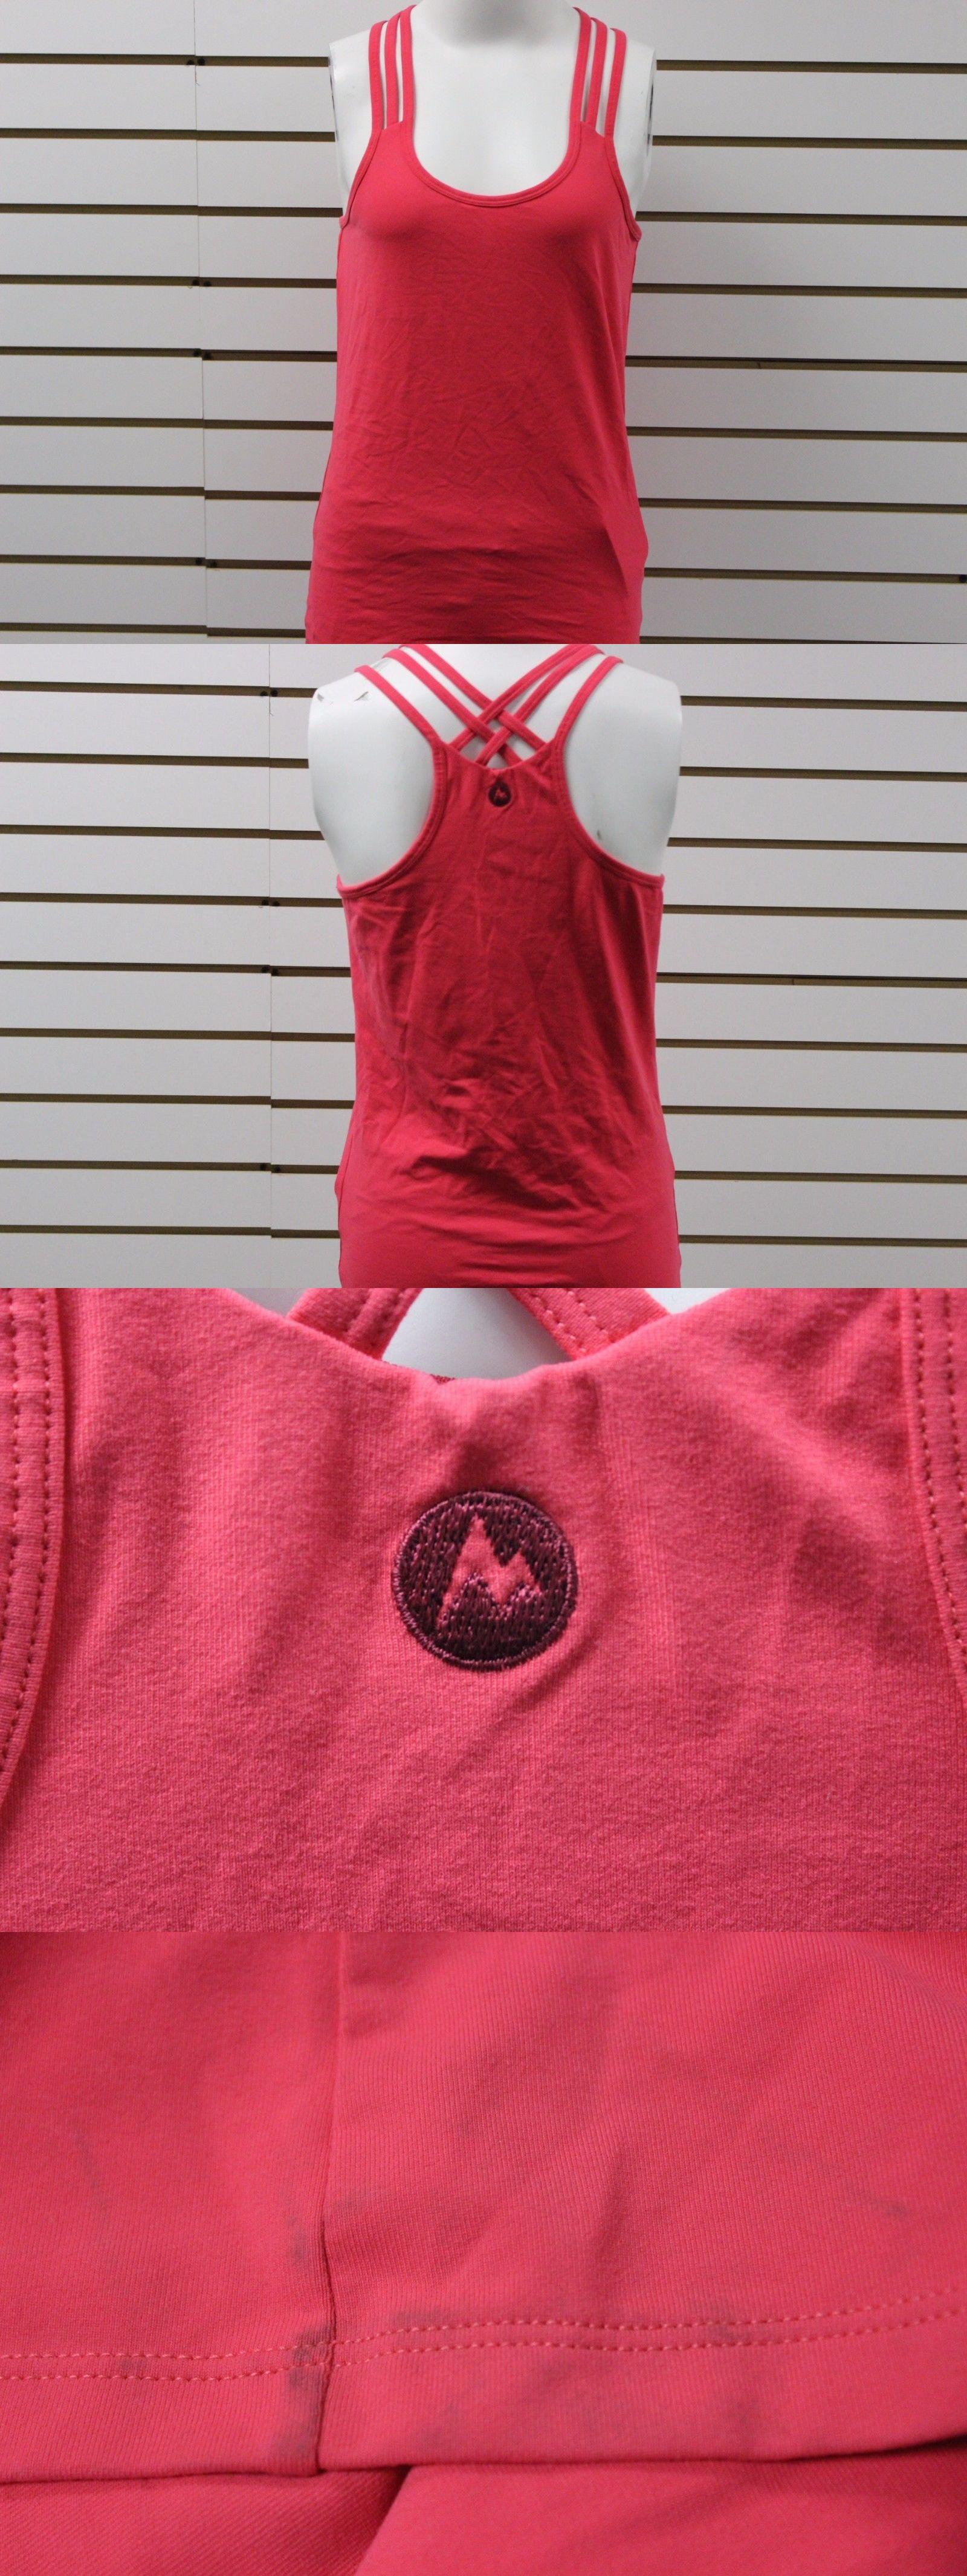 Shirts women s marmot vogue tank summer pink brand new